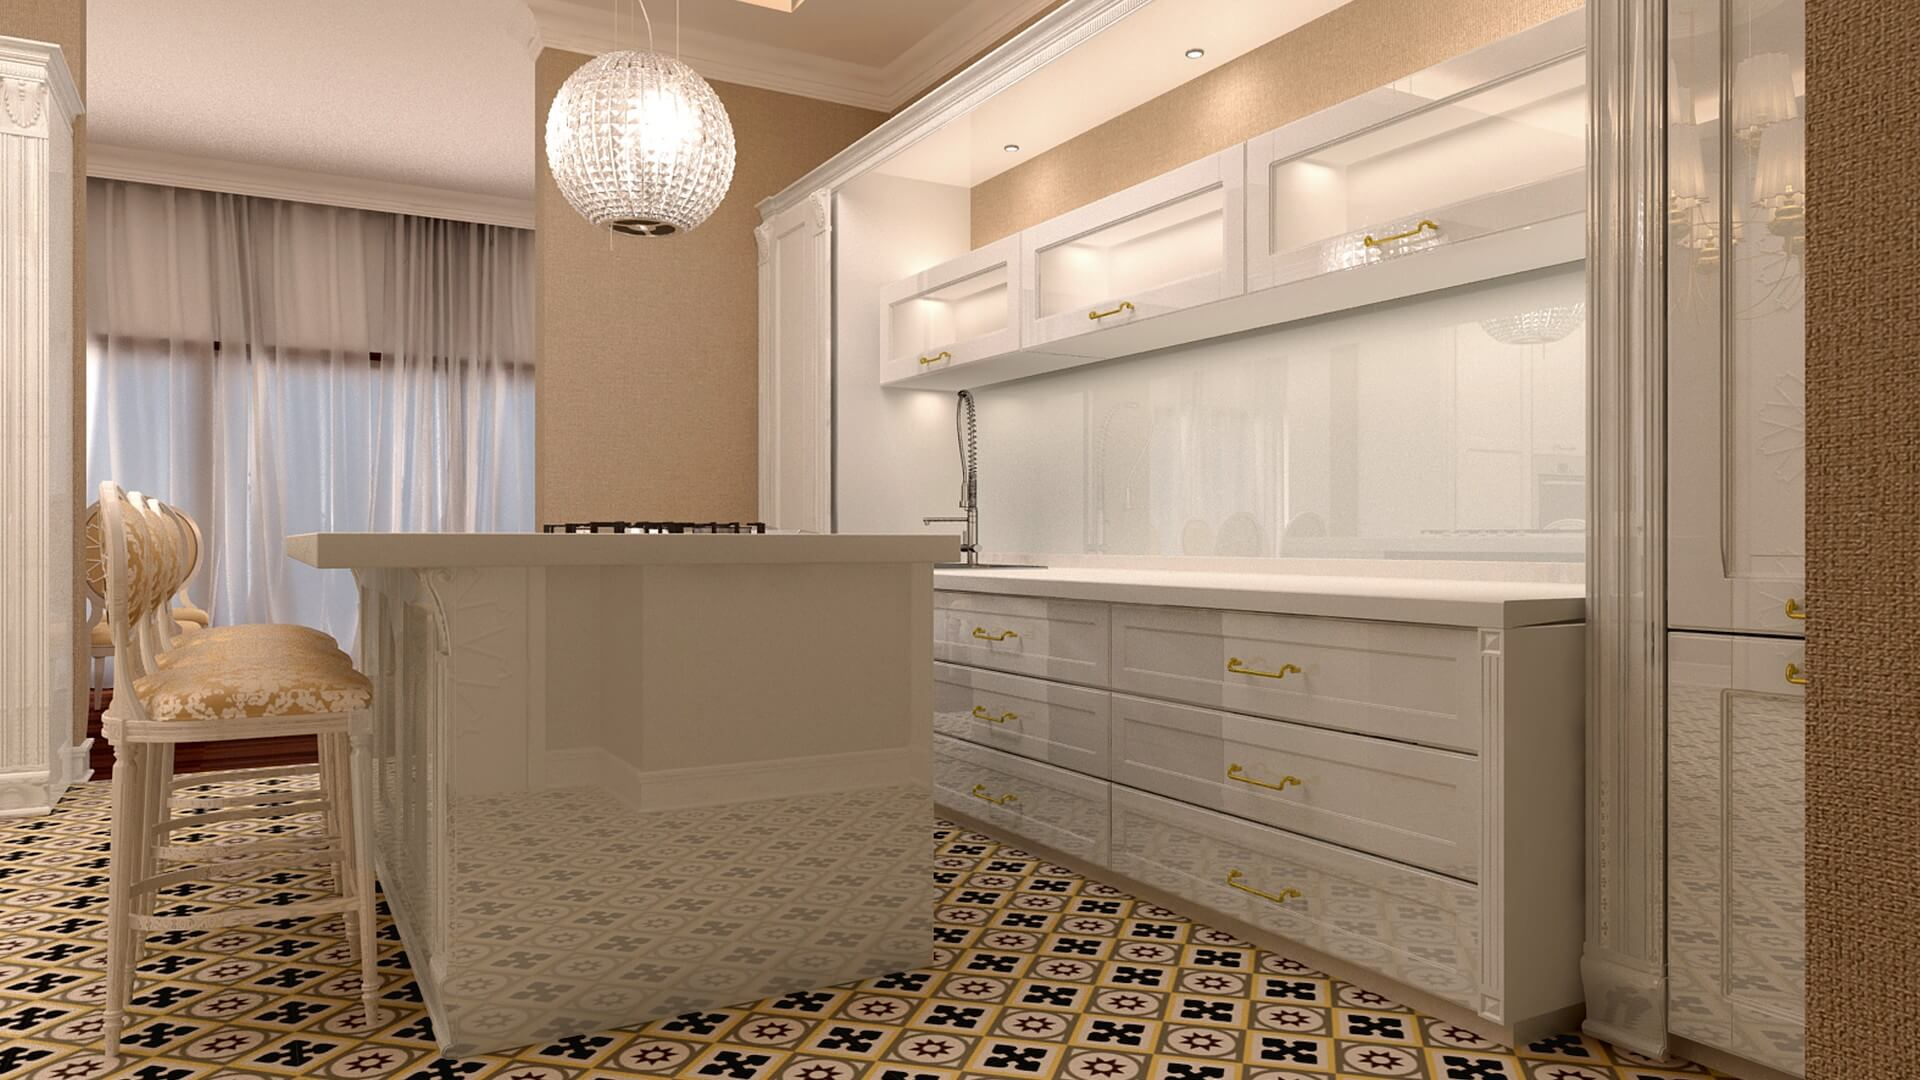 Oran Residence, Residential